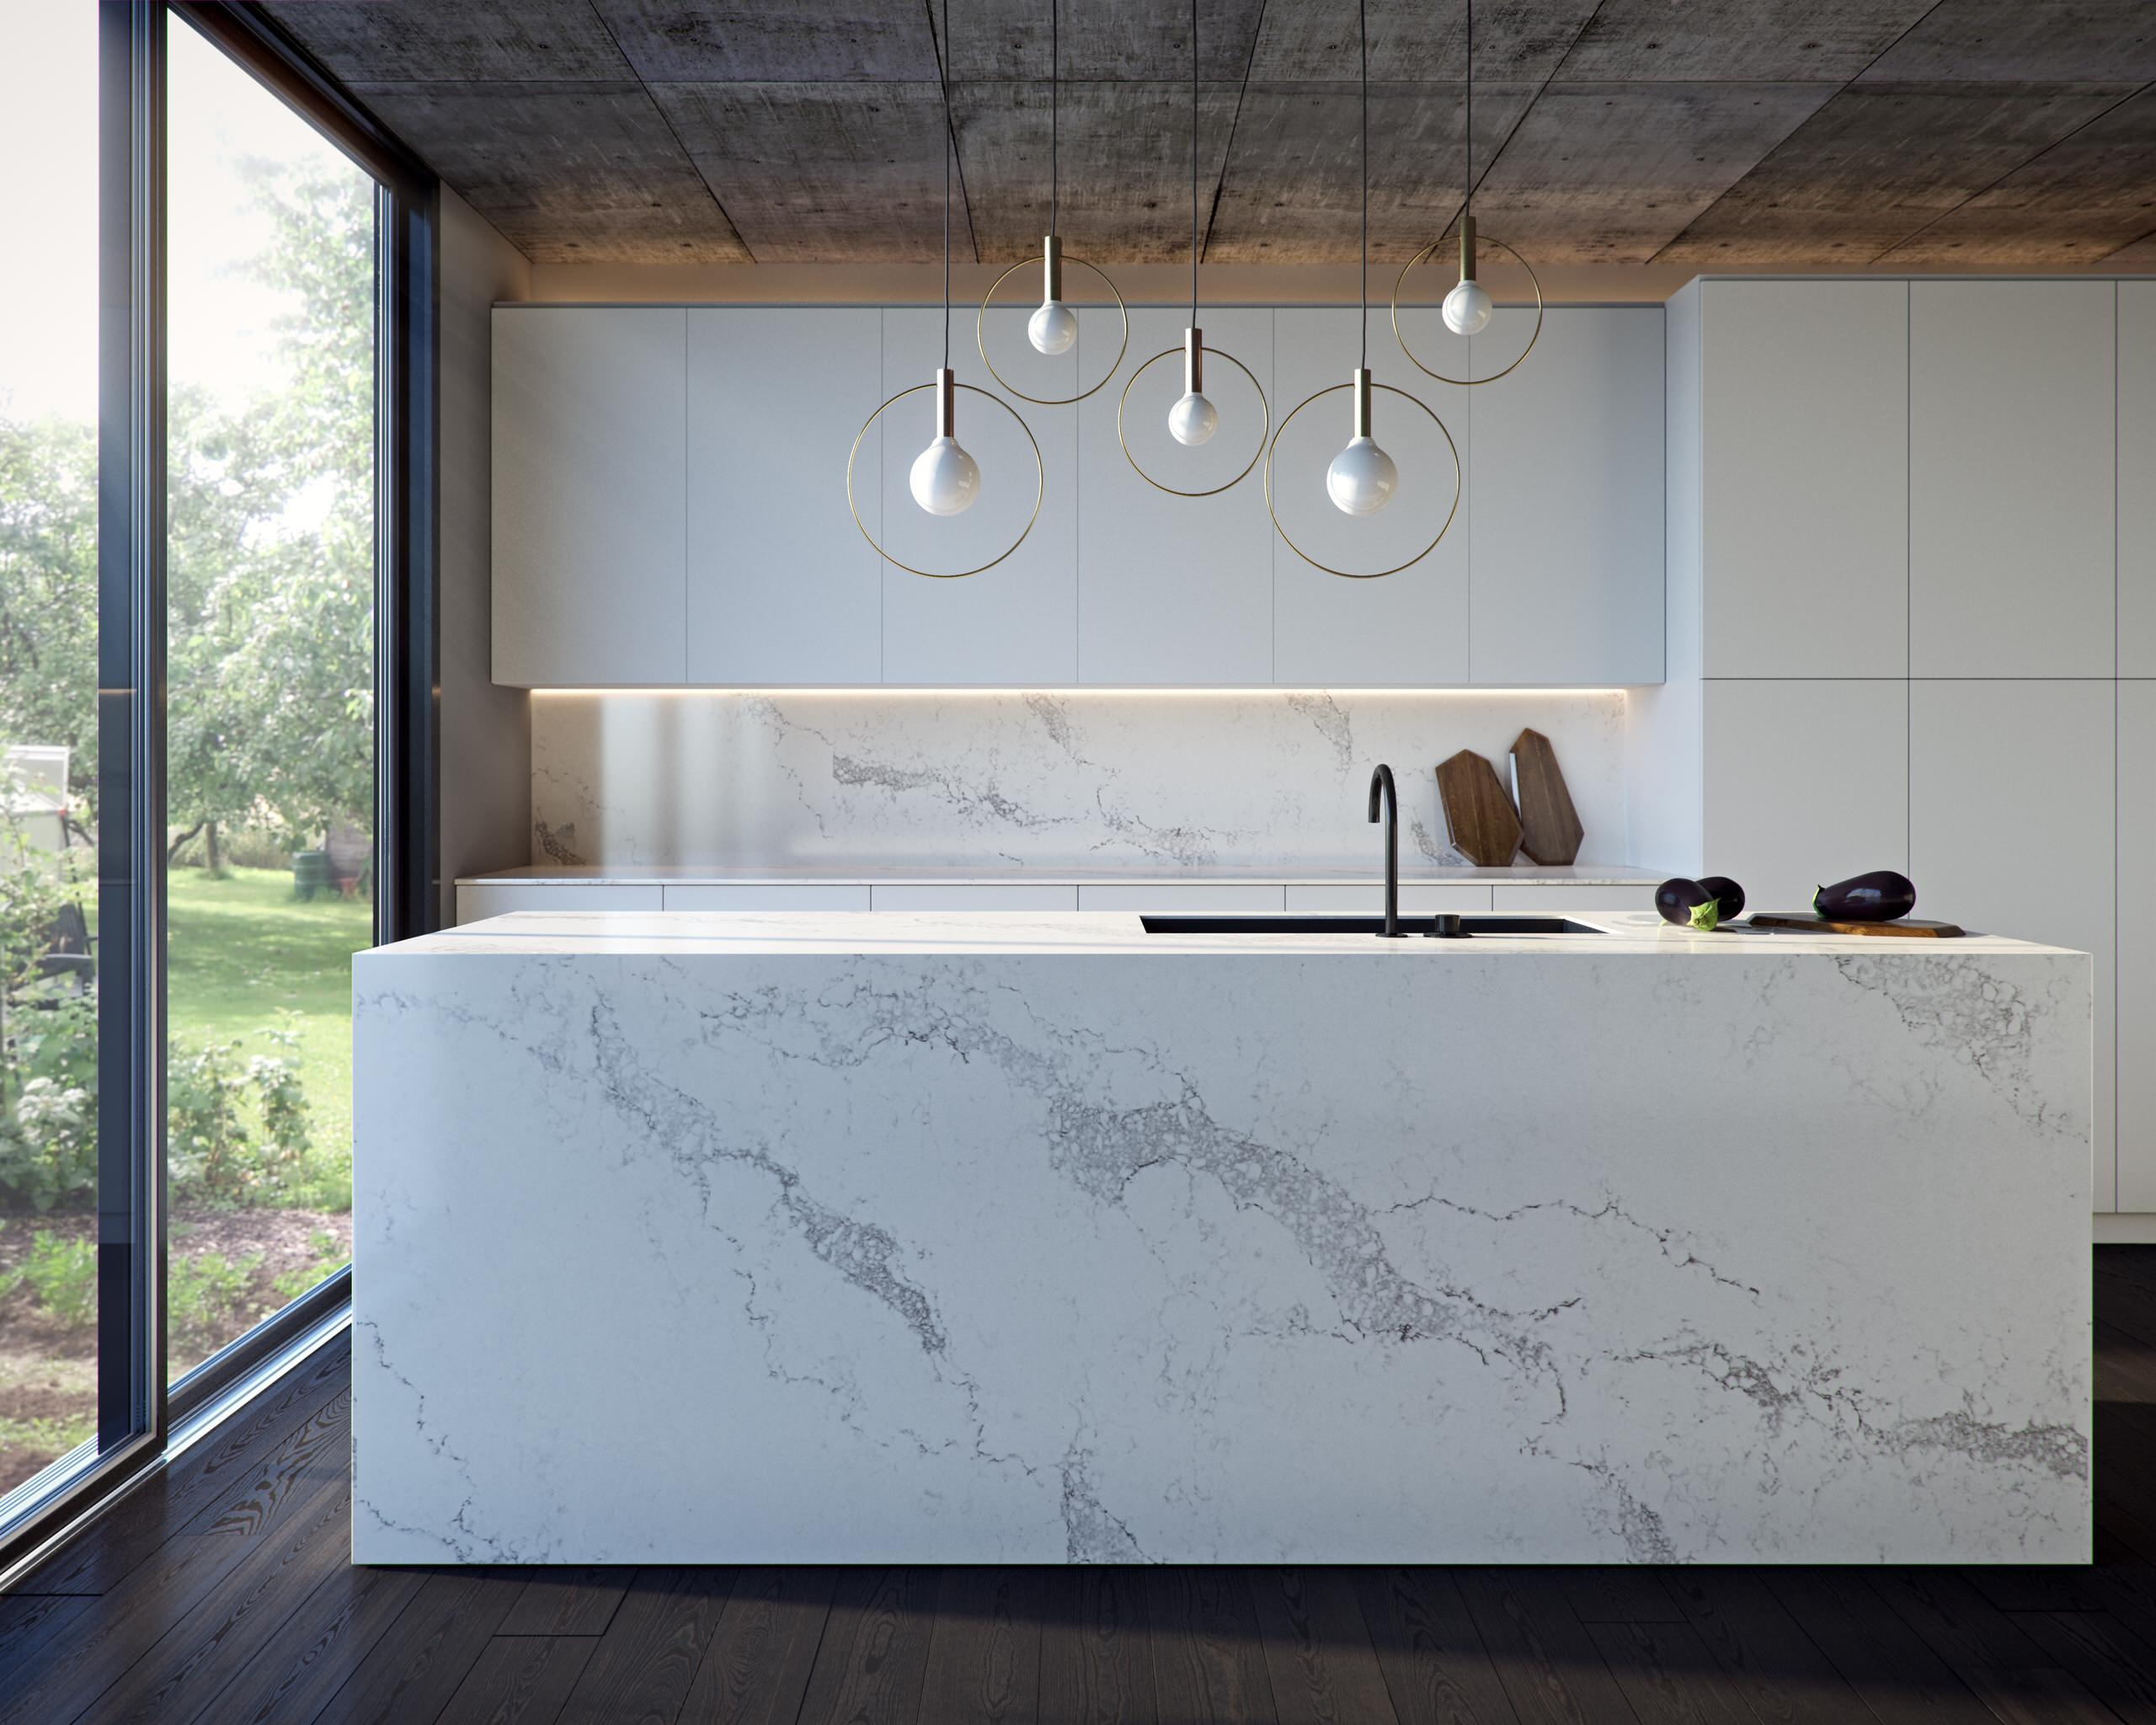 Вся кухня в белом цвете